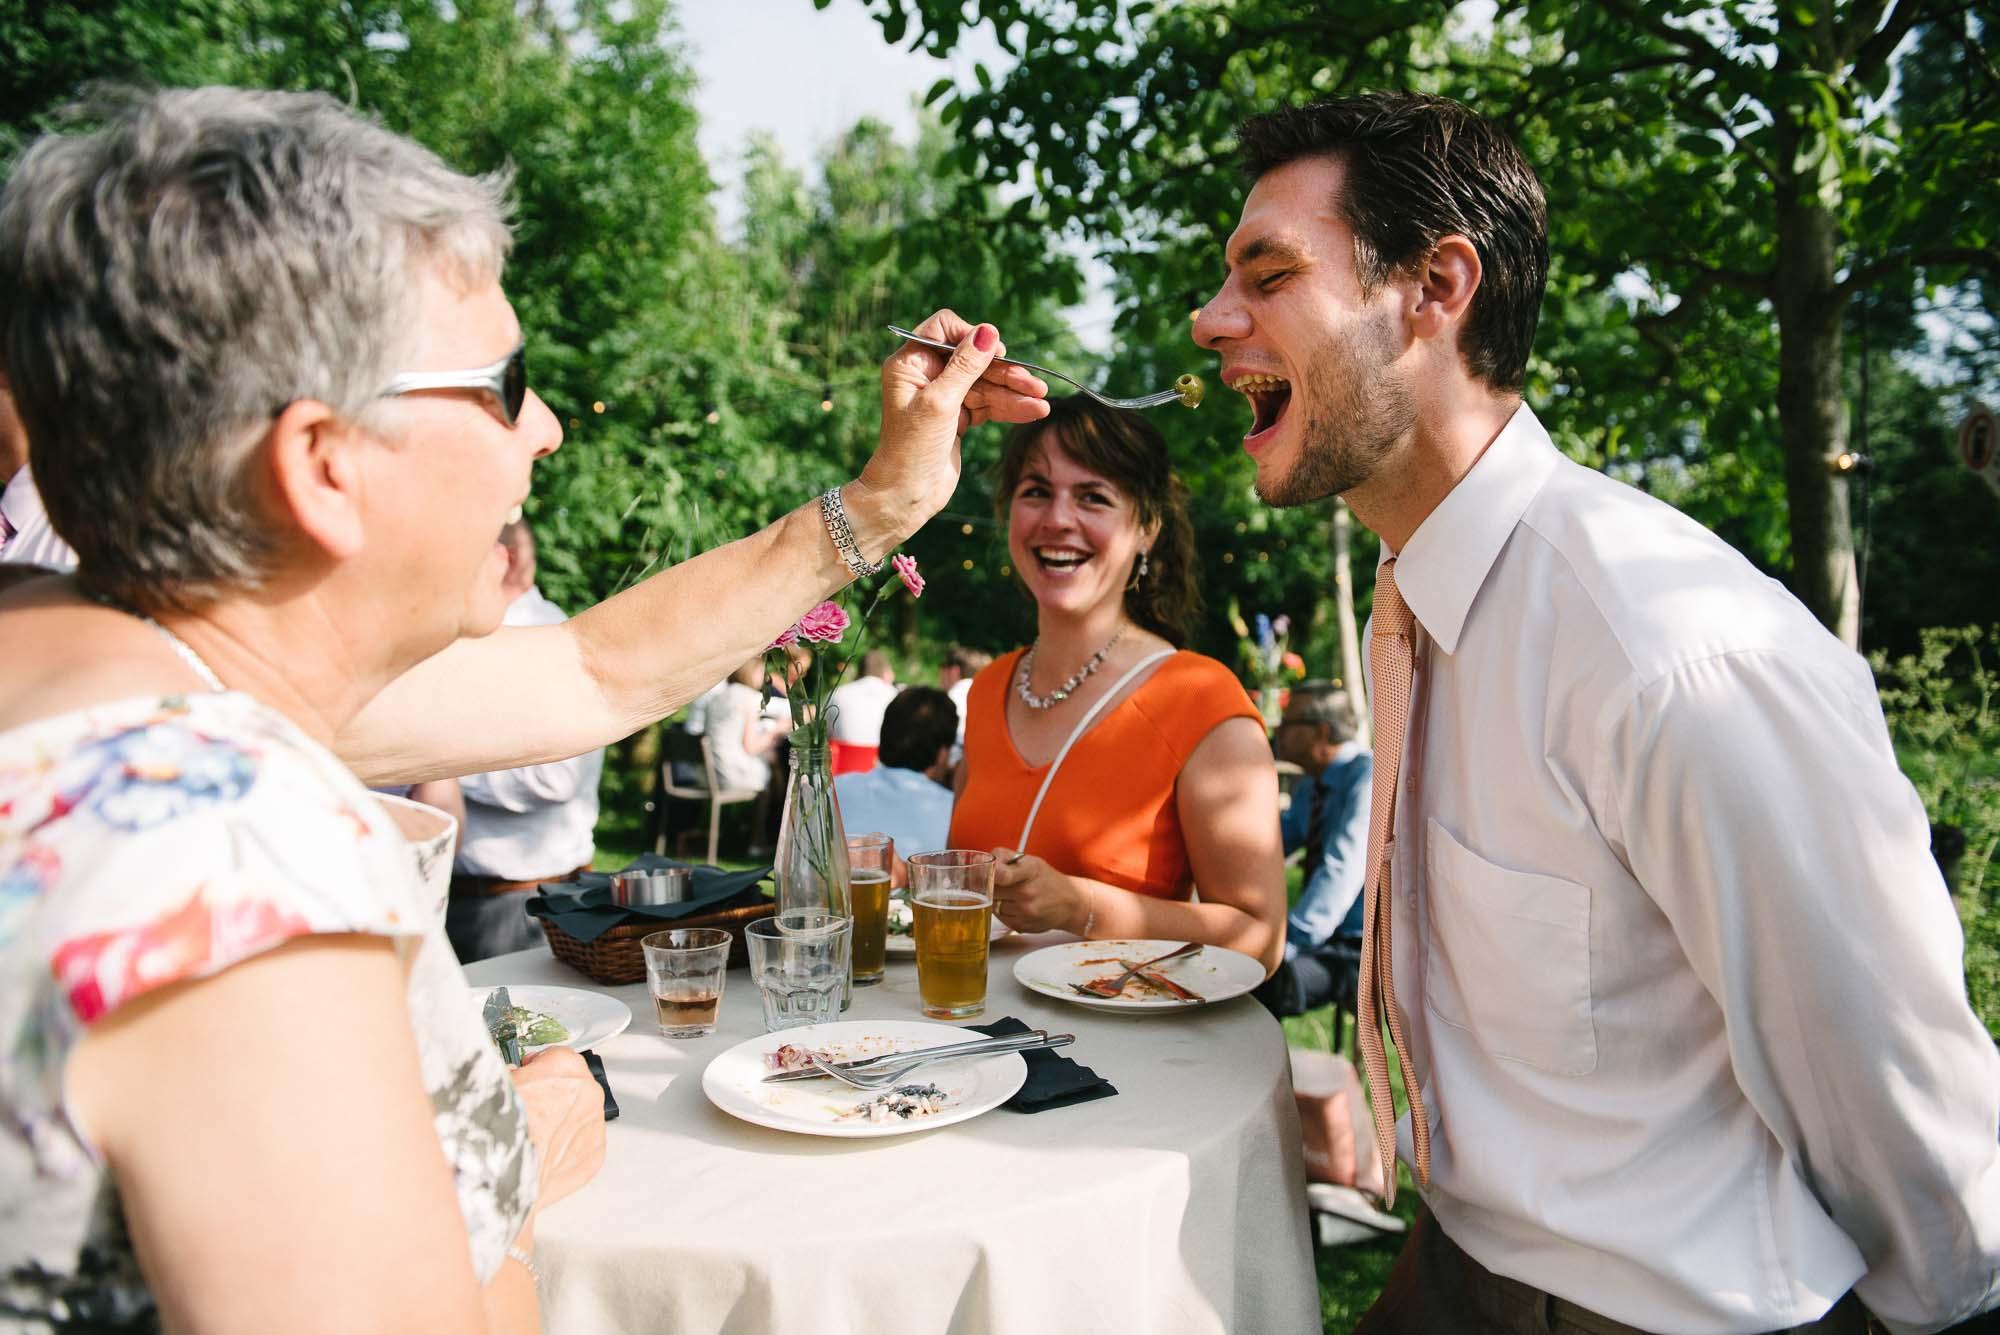 bbq op bruiloft buiten eten